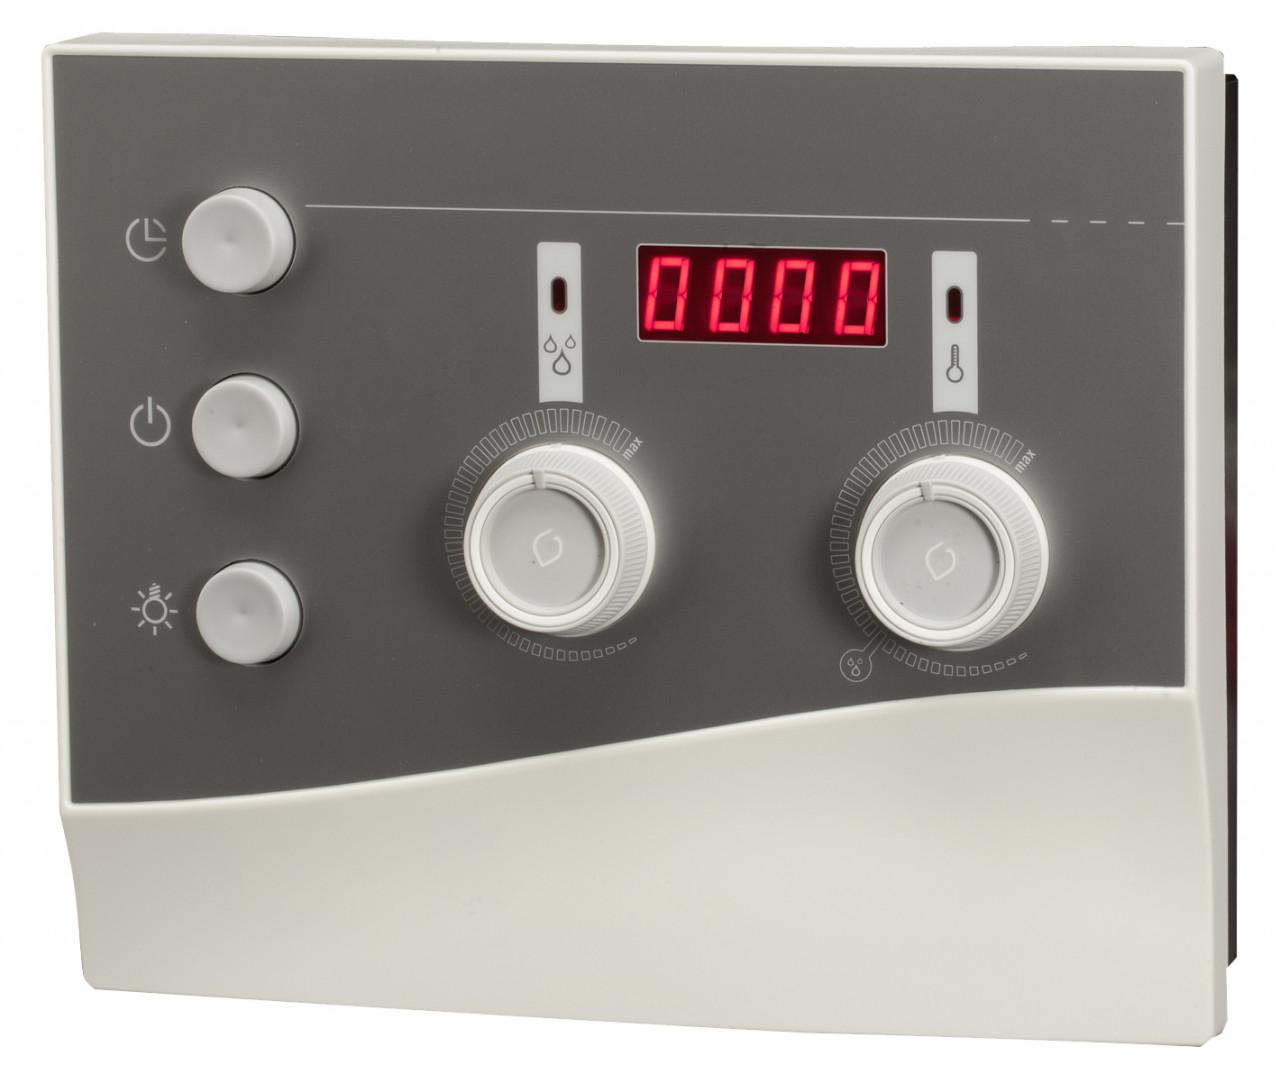 Sentiotec K3-NEXT saunabesturing voor combi ovens